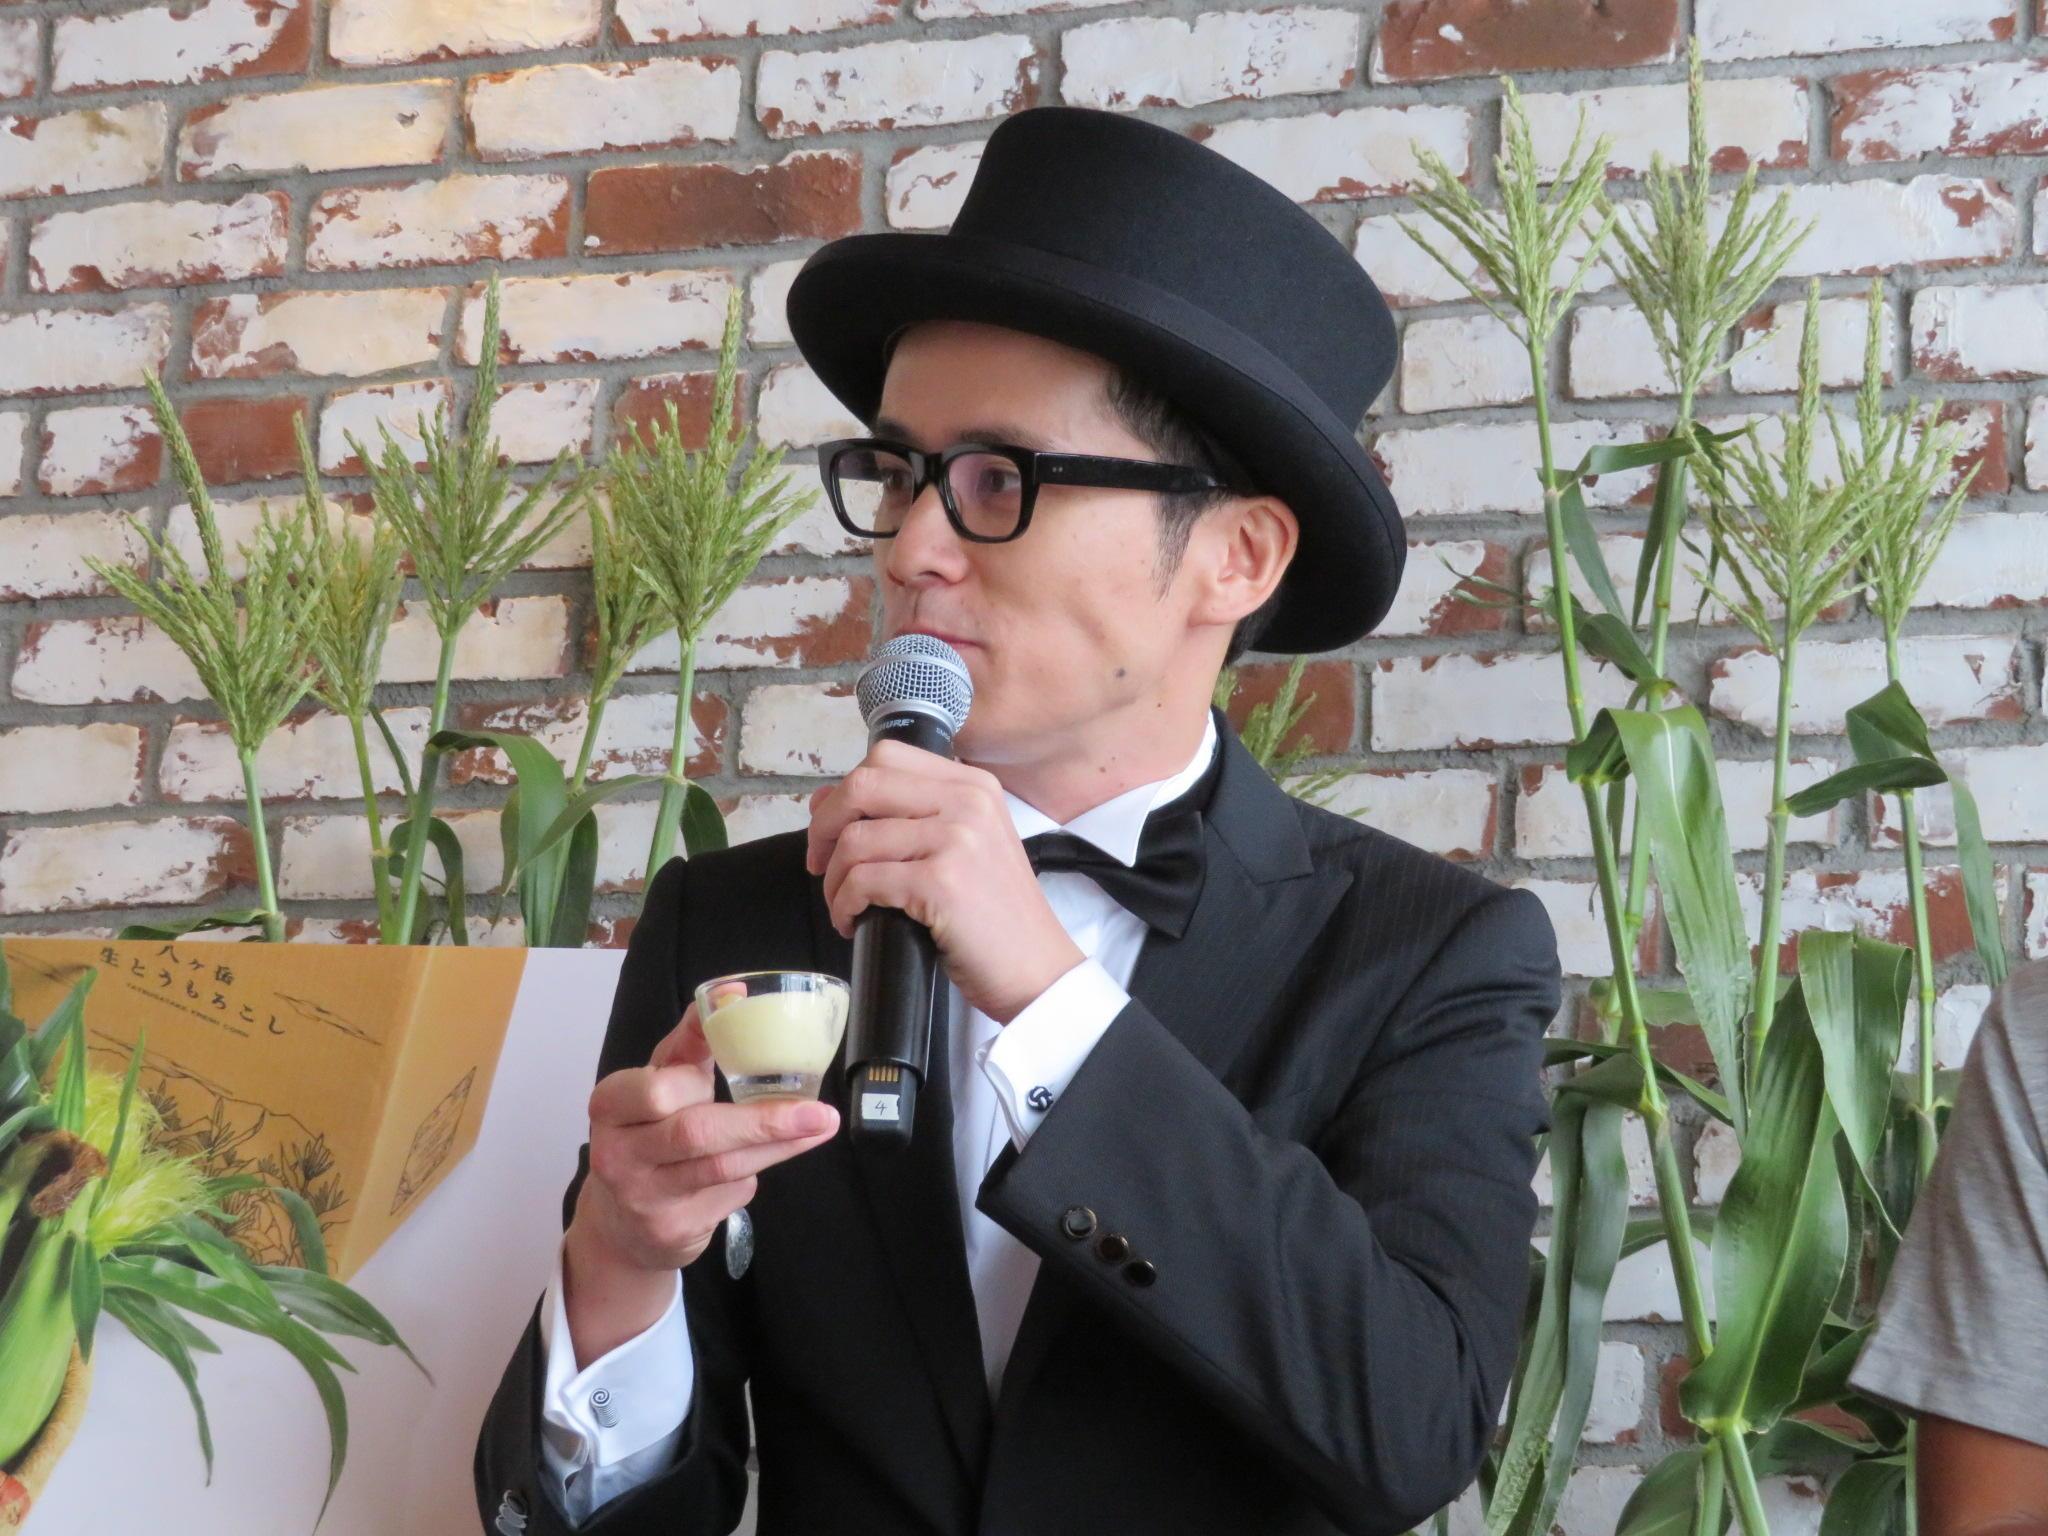 http://news.yoshimoto.co.jp/20180731173311-f47d7c24c15c0757214eb03159c0cc7cabbcef55.jpg